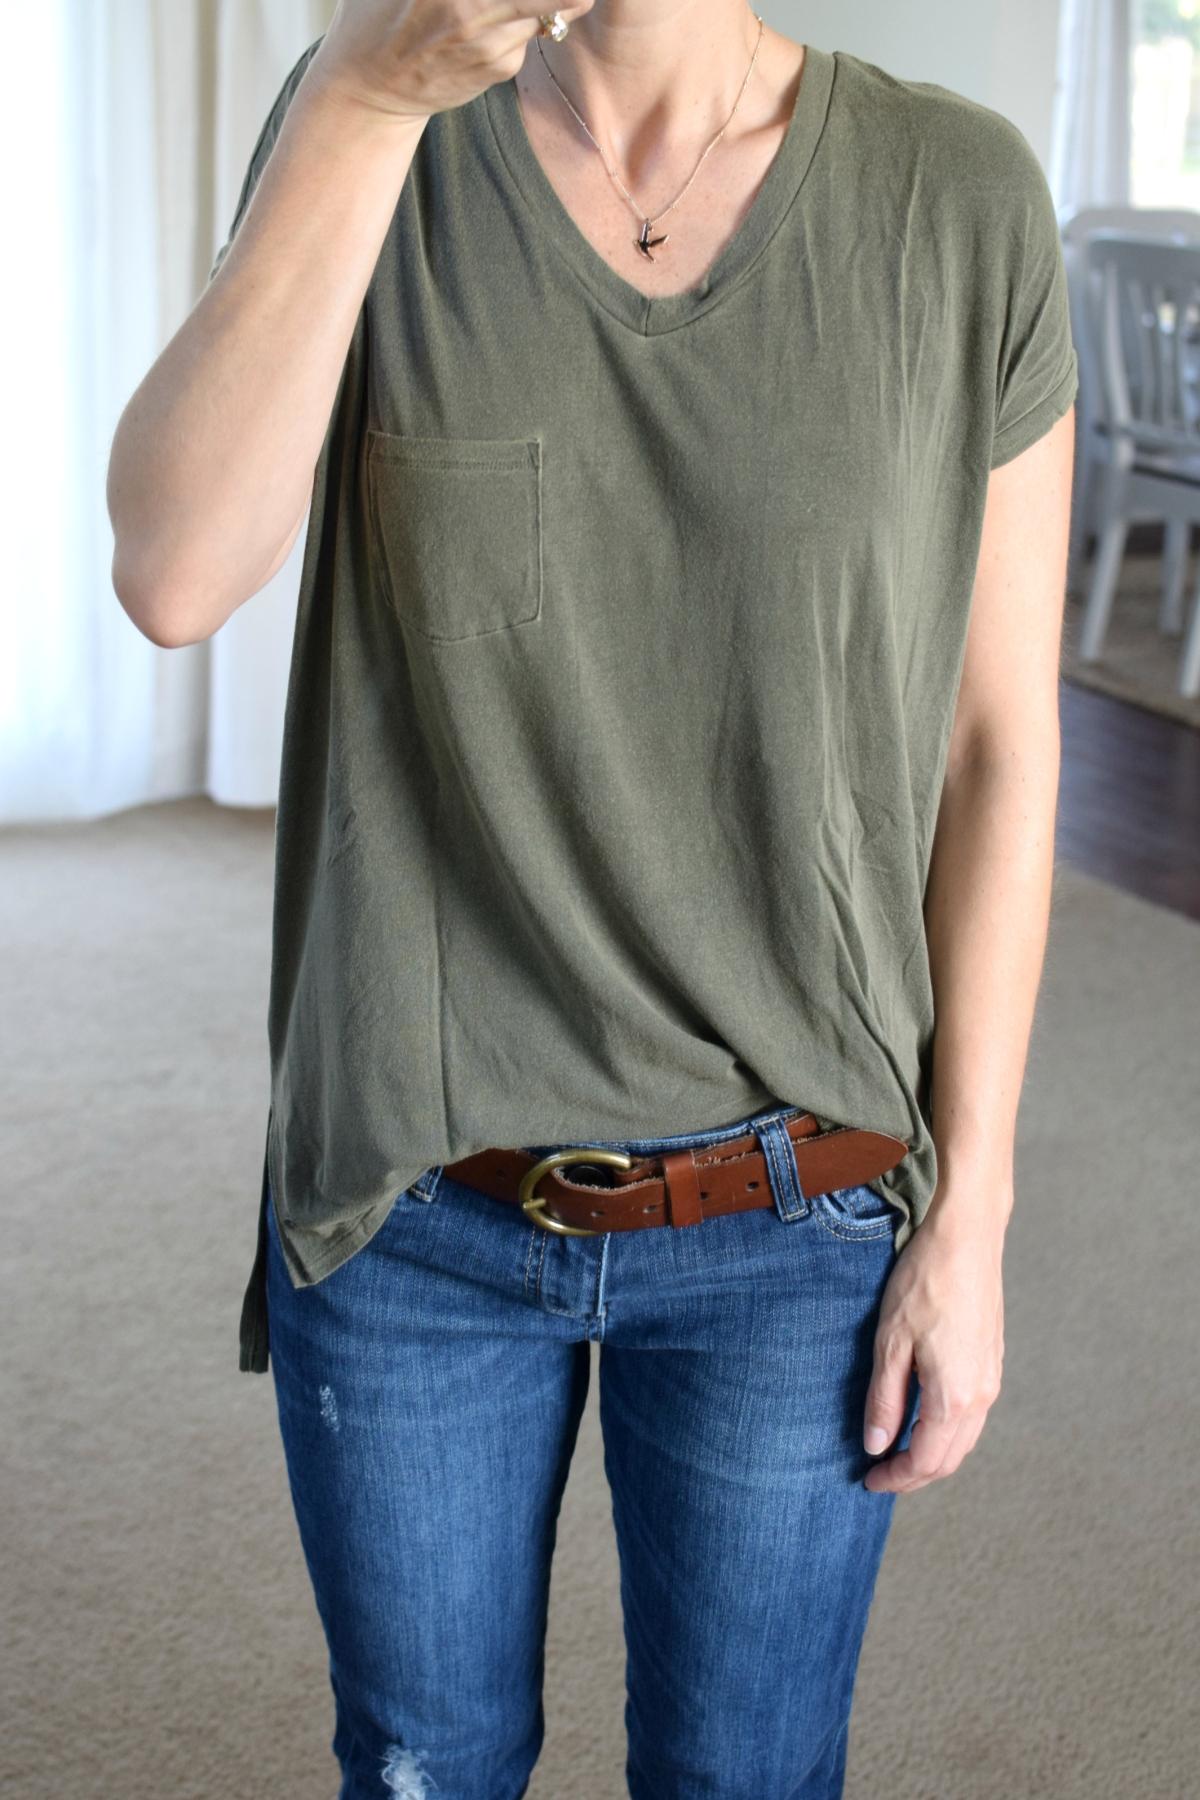 Flowy top and boyfriend jeans  www.pearlsandsportsbras.com 